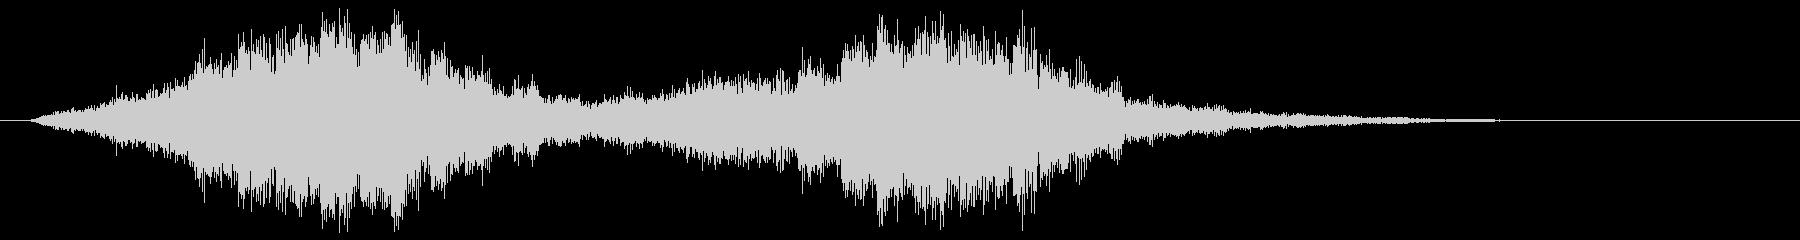 エレクト_ハイクオリティージングル_10の未再生の波形